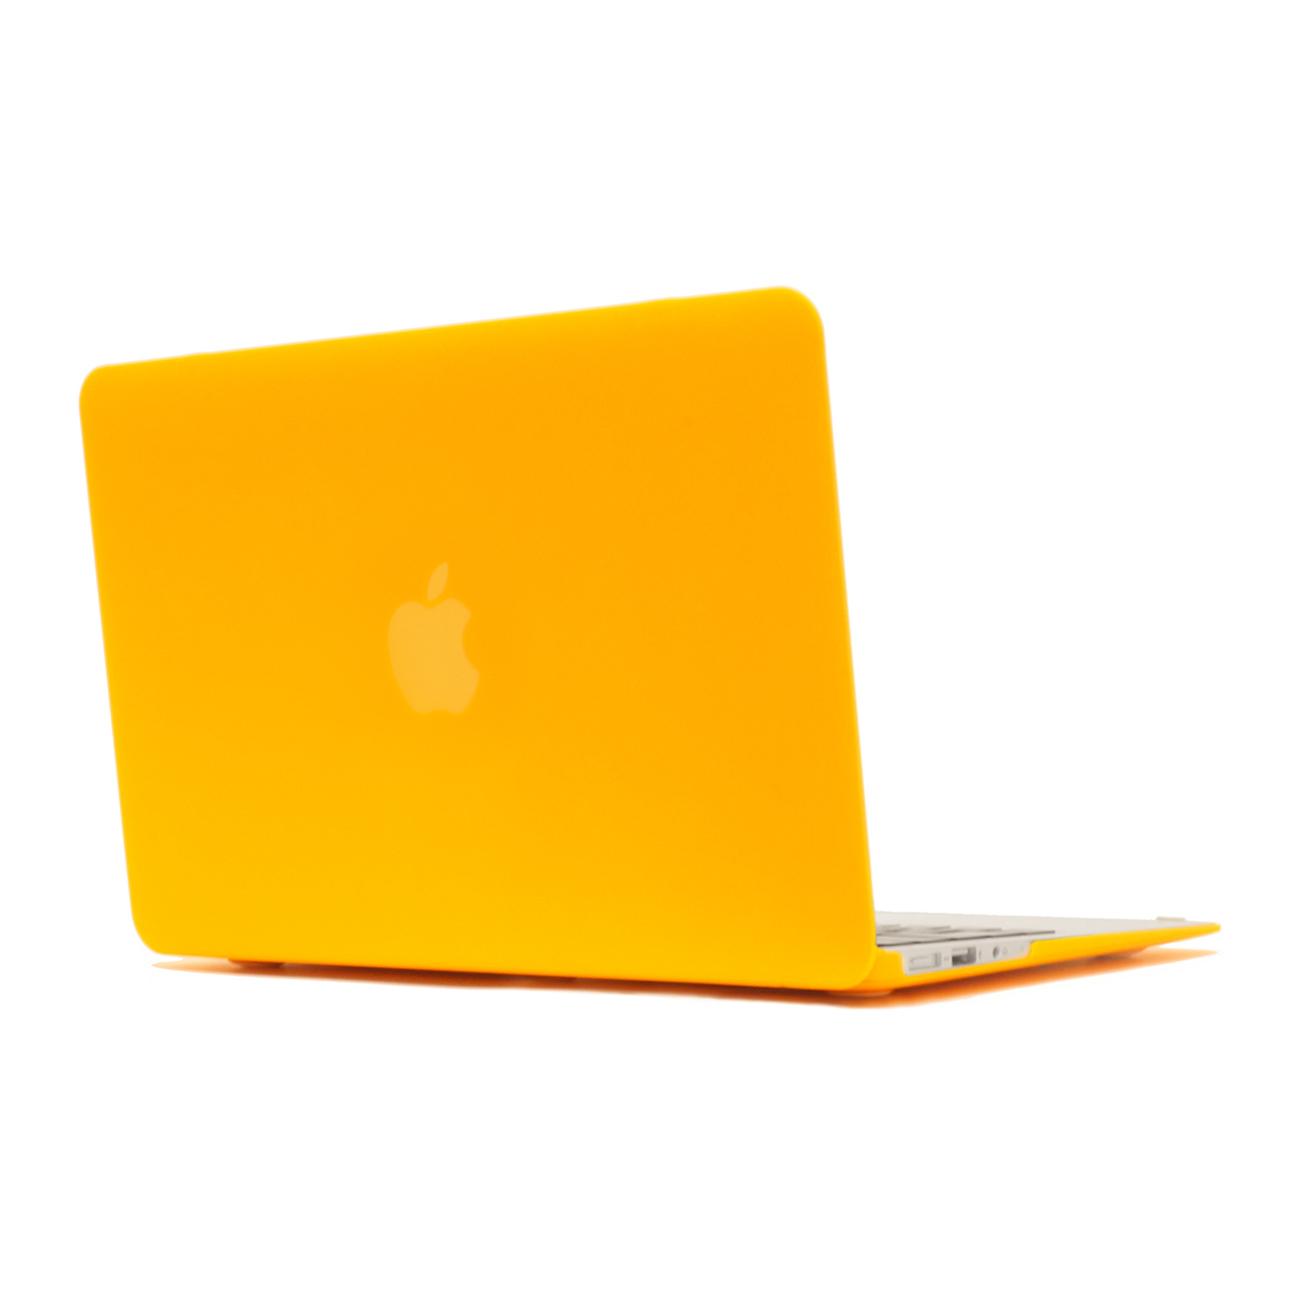 Чехол Crystal Case для MacBook Pro Retina 13 ОранжевыйMacBook<br>Crystal Case — ультратонкая, лёгкая, полупрозрачная защита для вашего лэптопа.<br><br>Цвет: Оранжевый<br>Материал: Поликарбонат